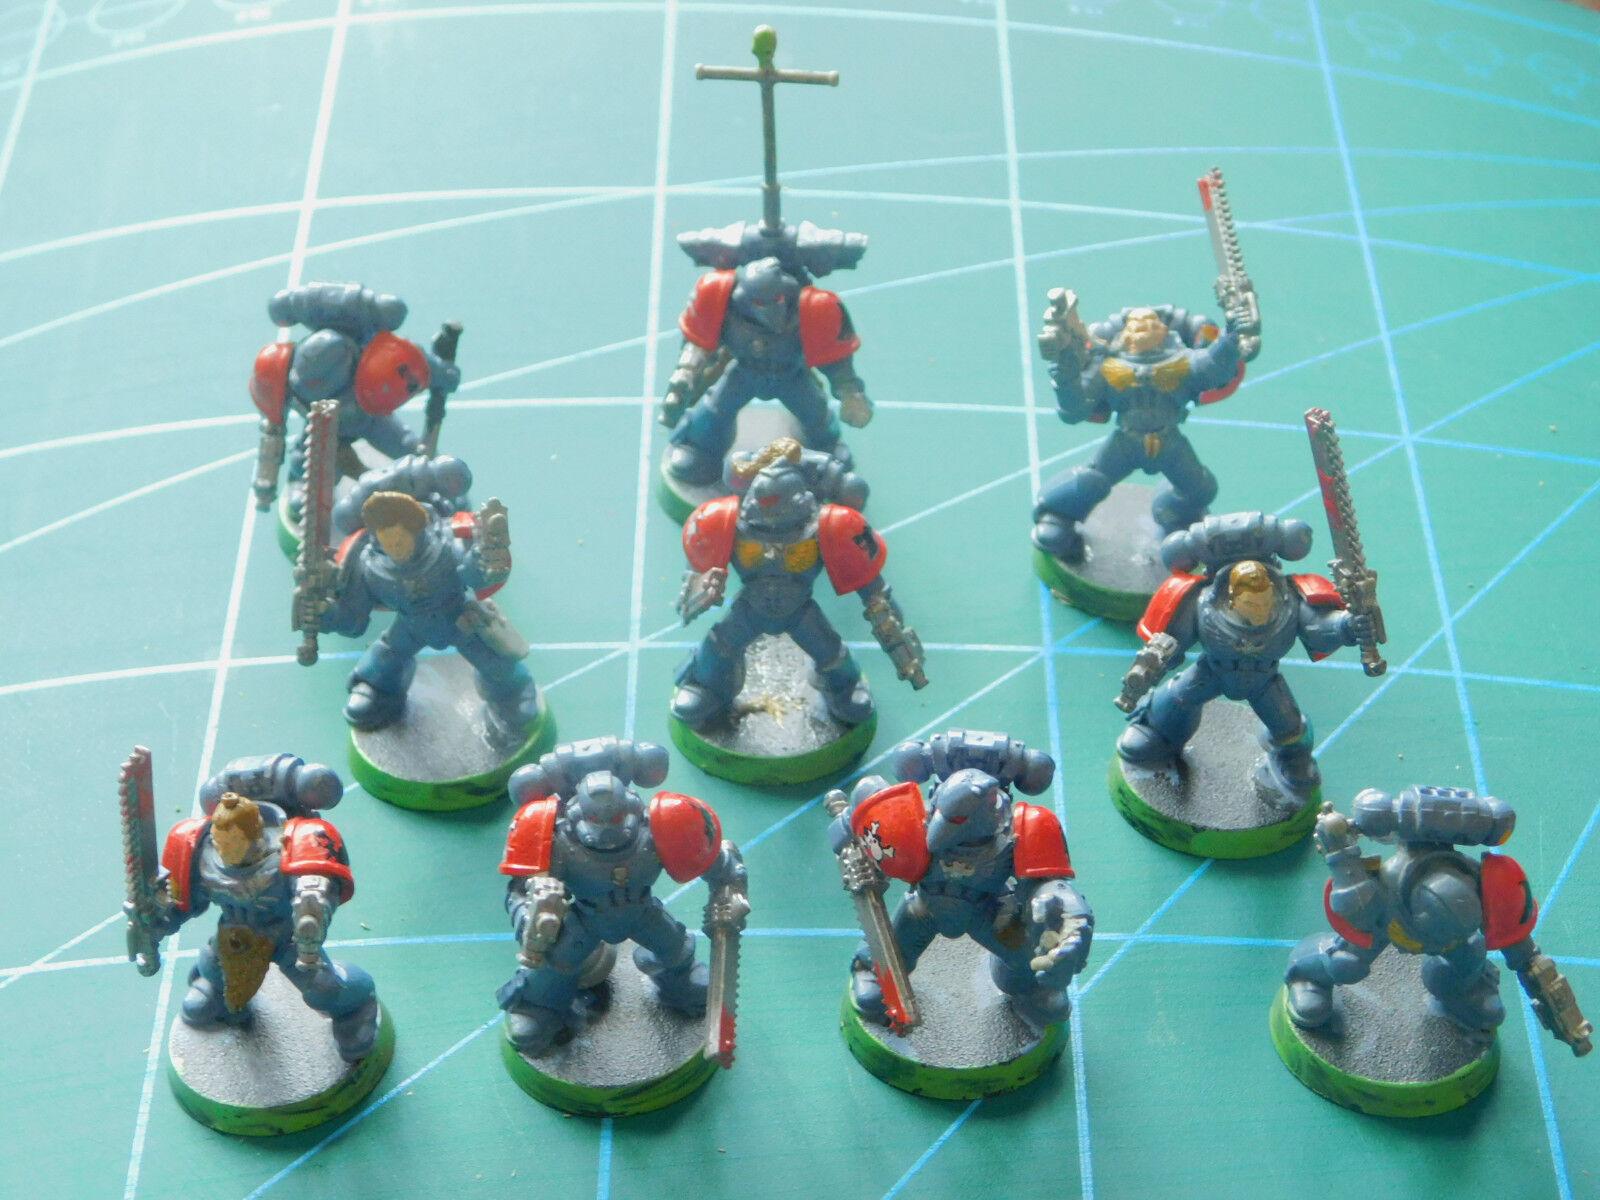 despacho de tienda 10 Warhammer 40k mazmorras Dragones espacio espacio espacio Marina pintado figuras de plástico  se descuenta